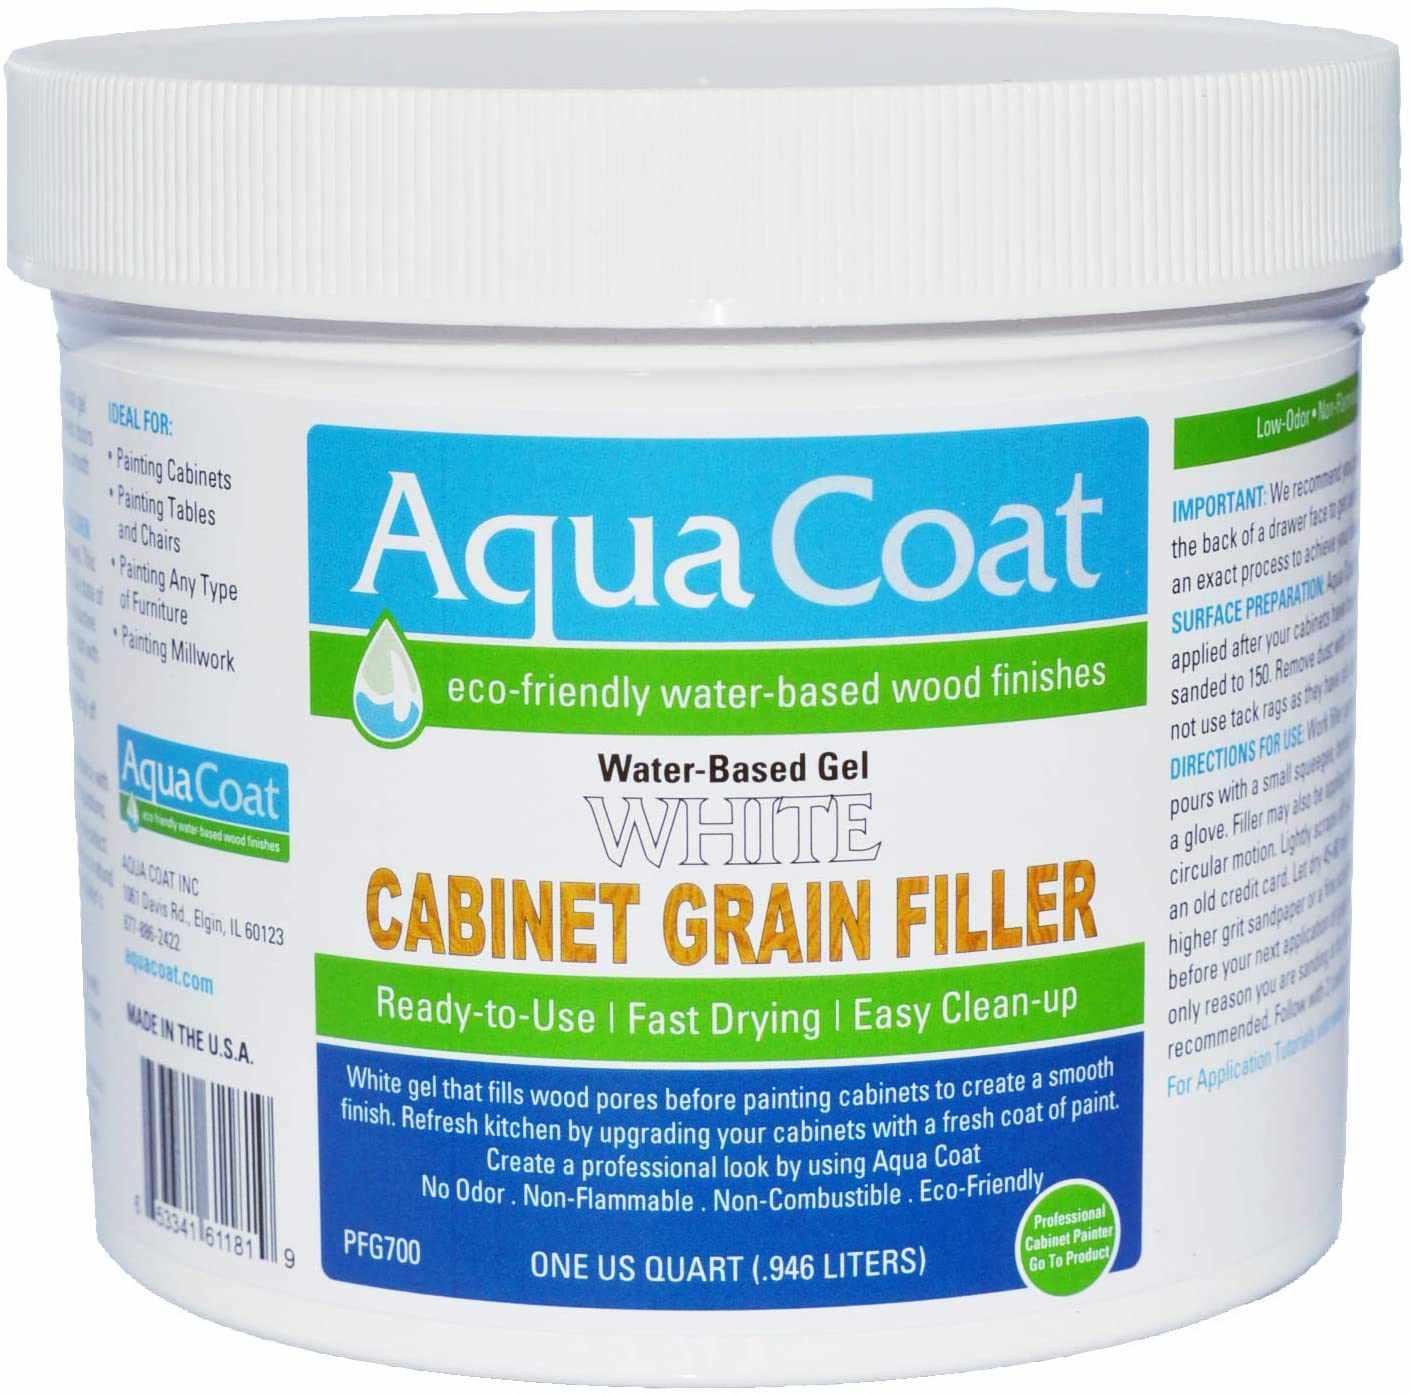 Aqua Coat Water-Based Gel Cabinet Grain Filler